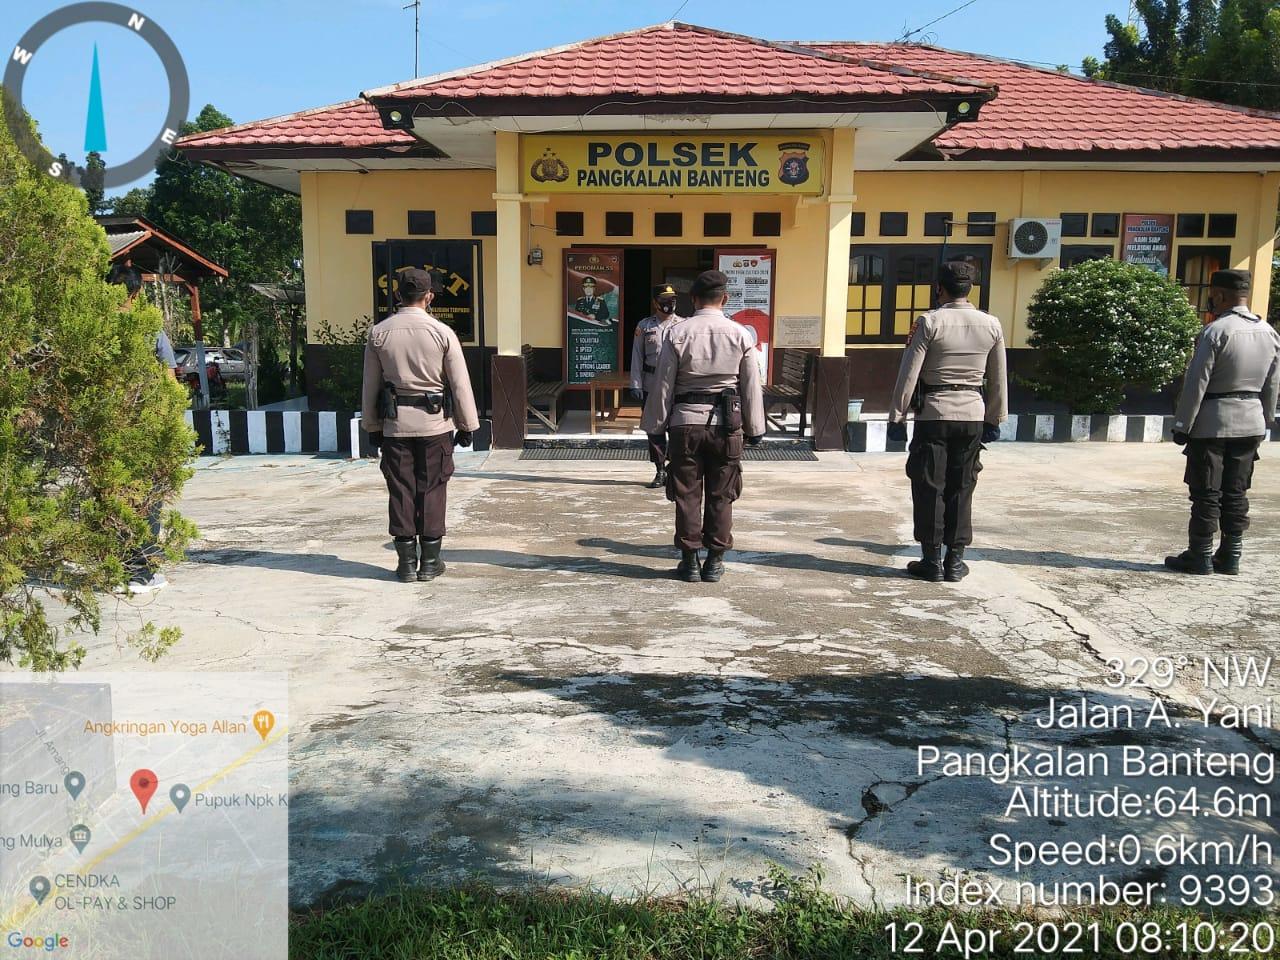 Apel Pagi selesai anggota Polsek Pangkalan banteng olahraga bersama di halaman Mako Polsek Pangkalan Banteng